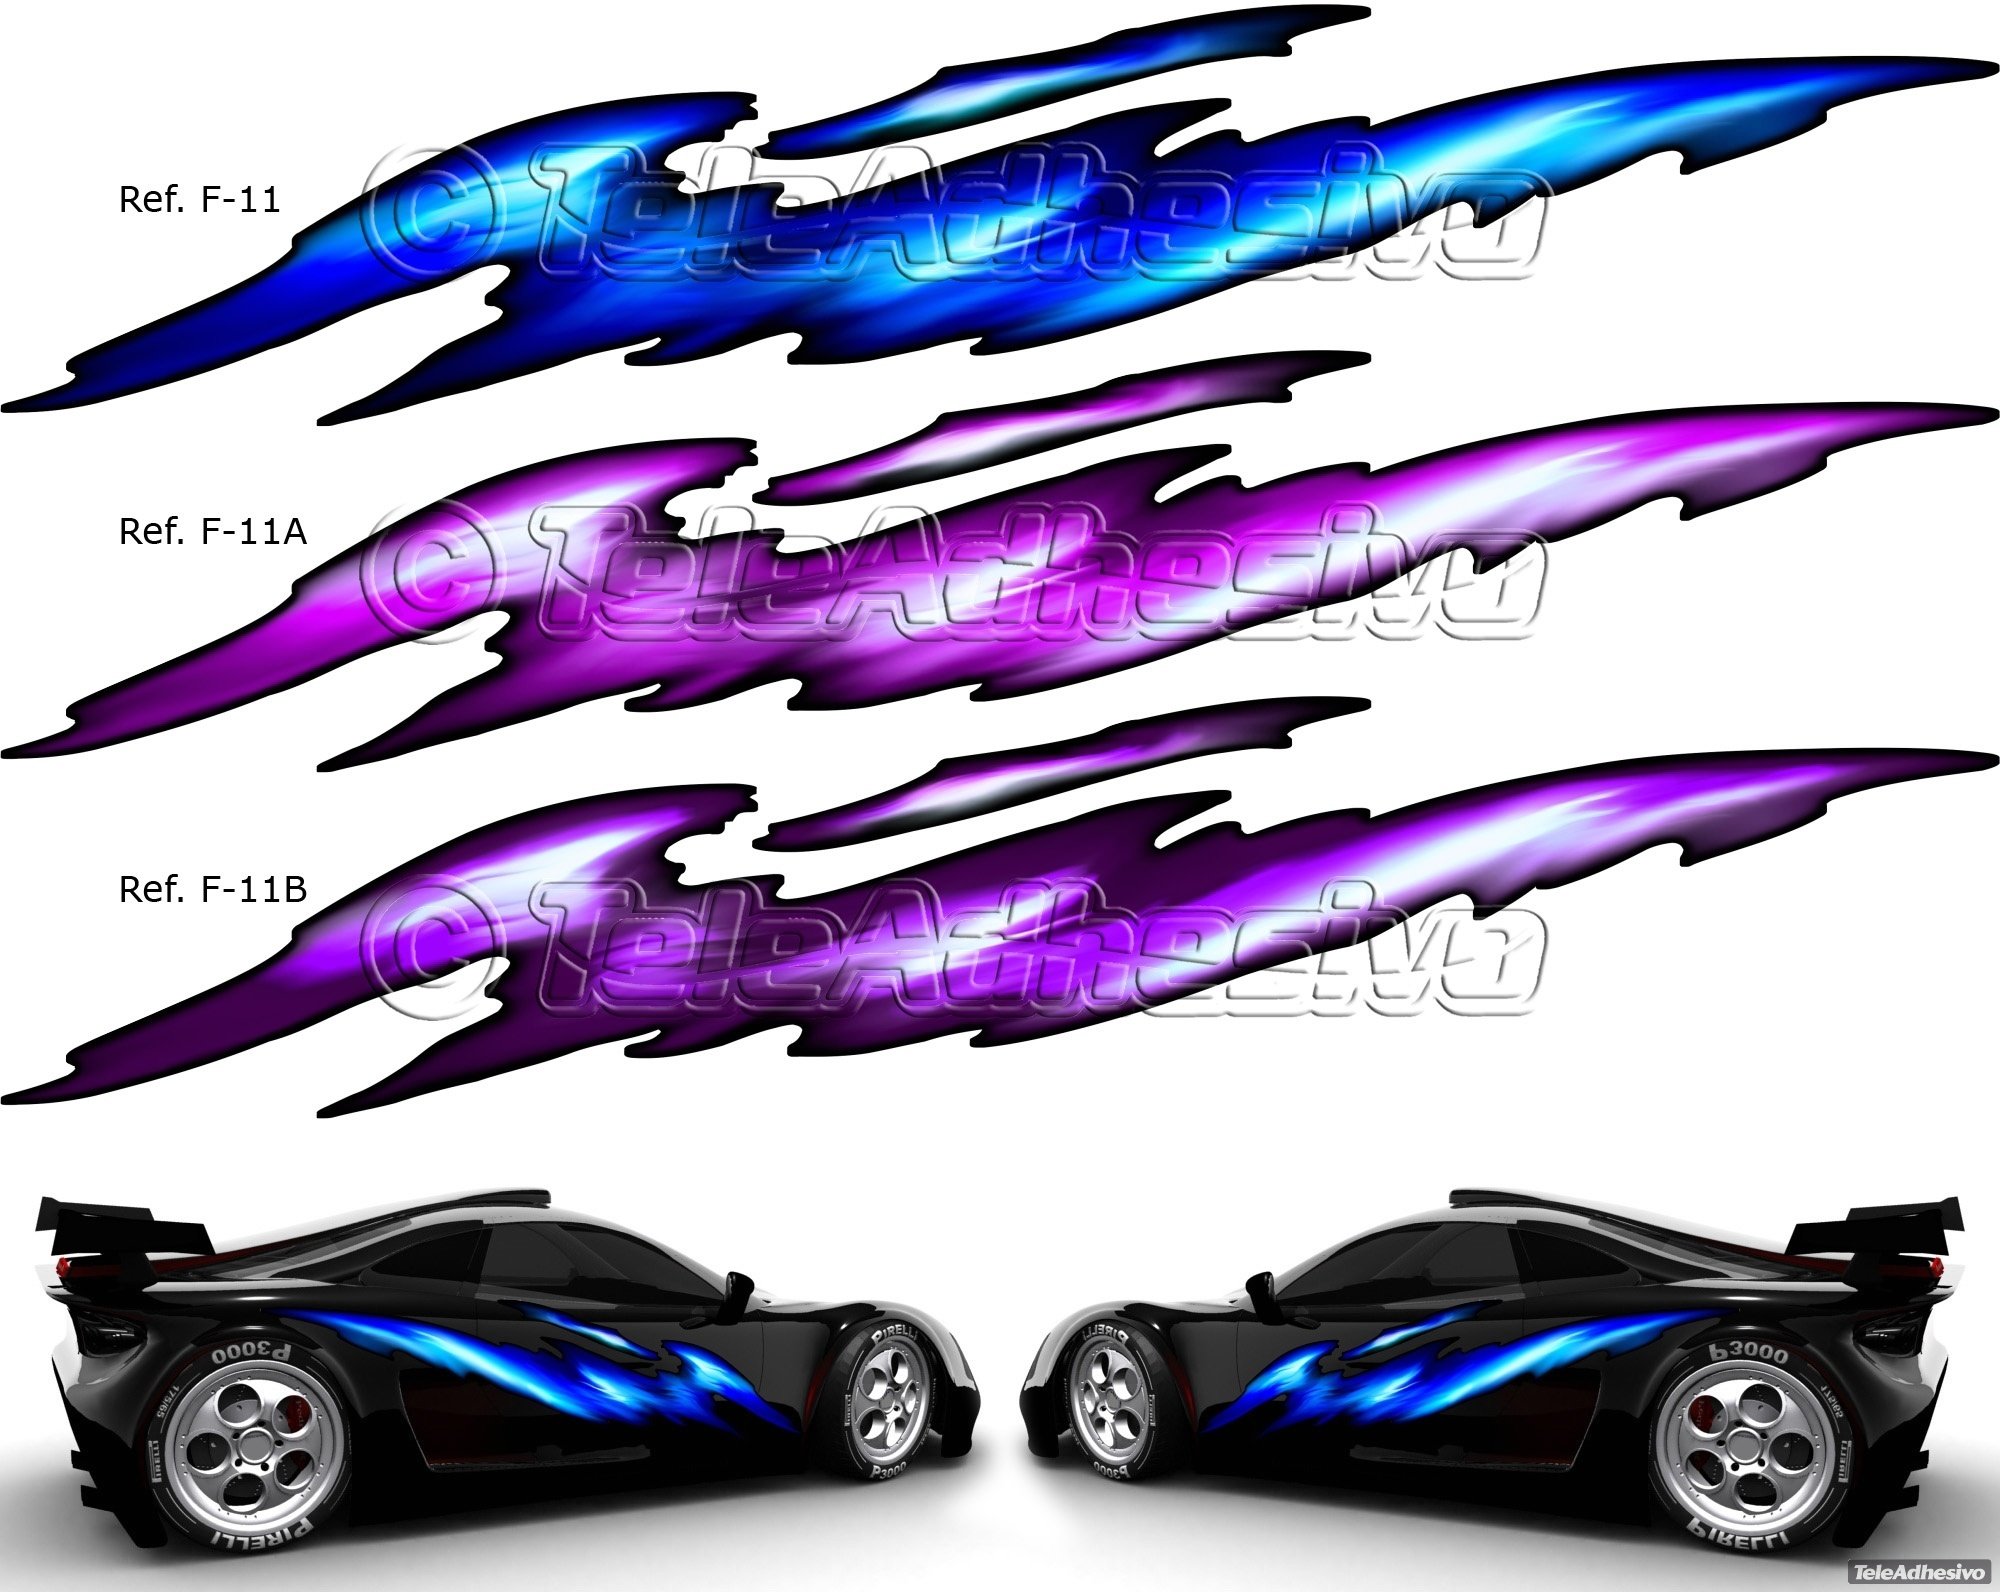 Vinilo adhesivo con rayos de colores para el tuning barato de vehículos